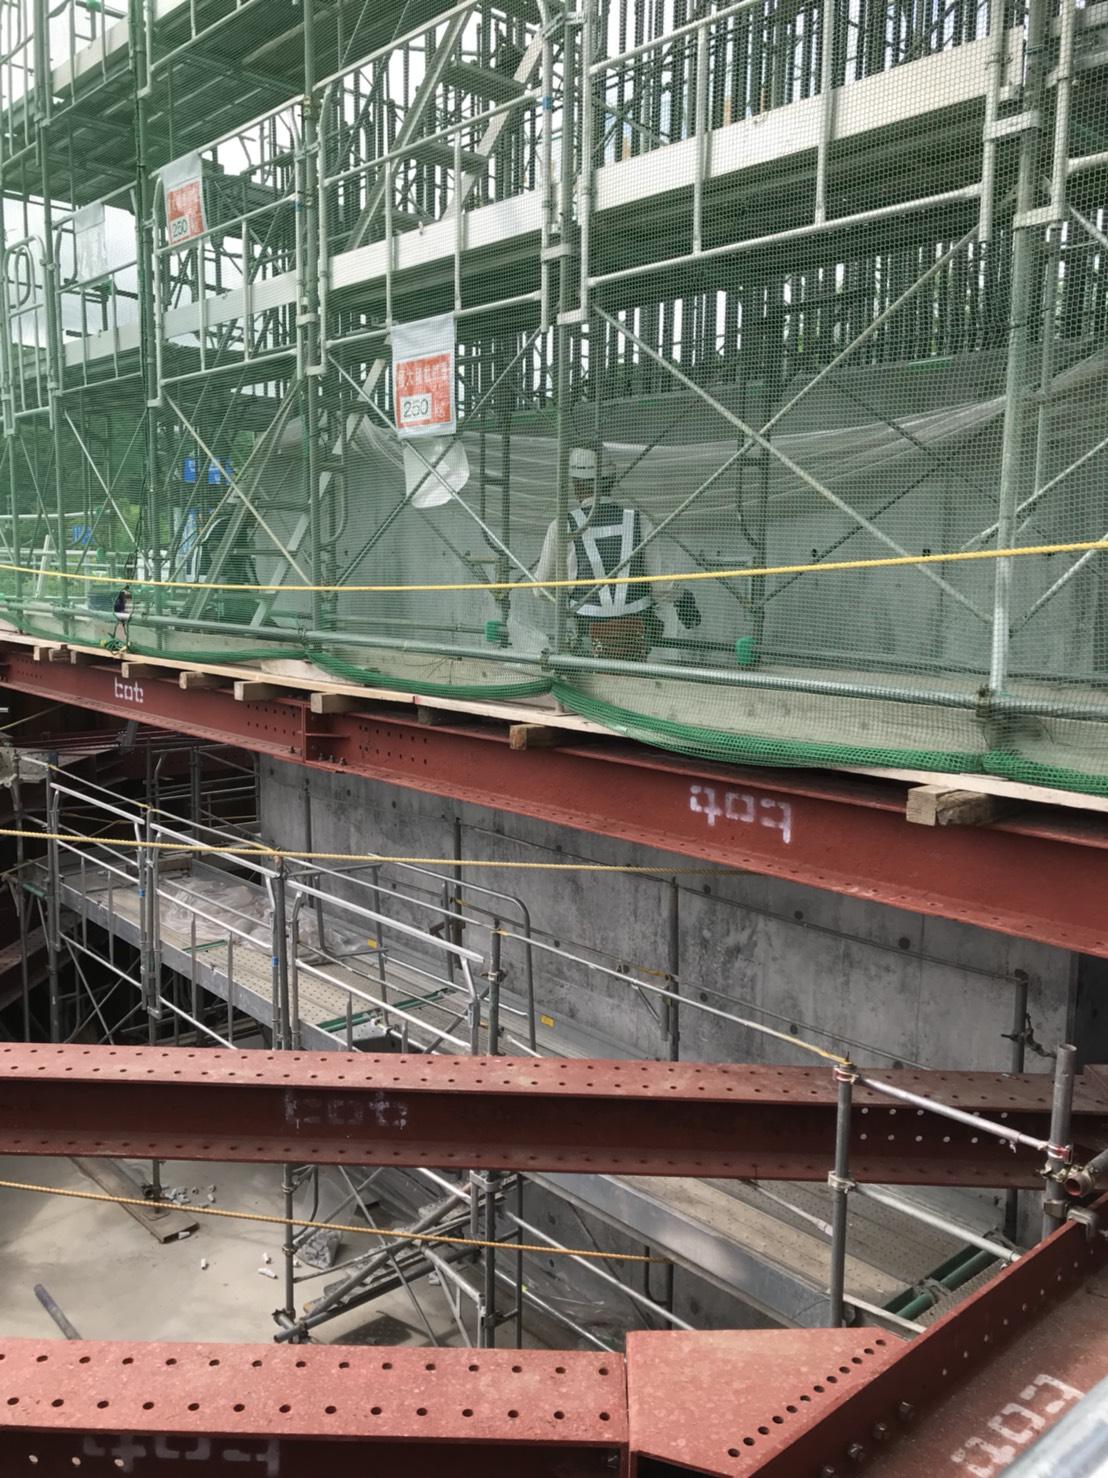 流山の江戸川、60年ぶりの新橋 渋滞解消に ...